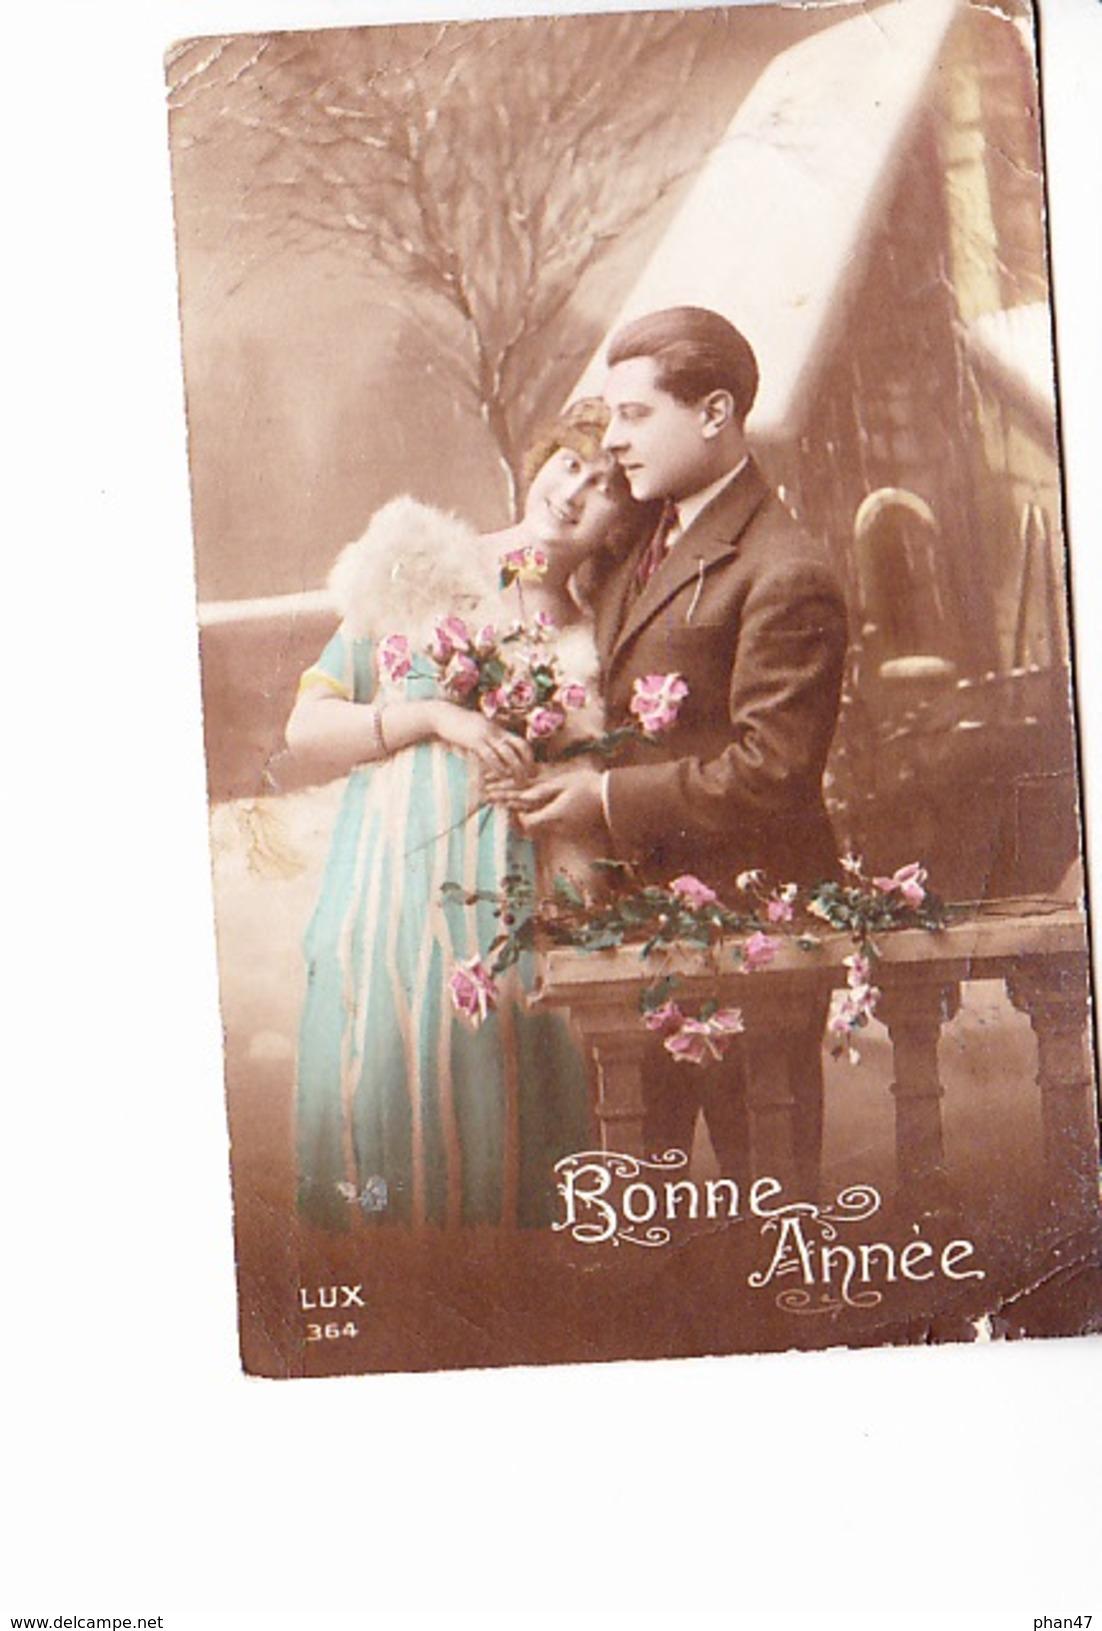 BONNE ANNEE, Couple Amoureux Devant église Enneigée, Ed. Lux 1910 Environ - Nouvel An